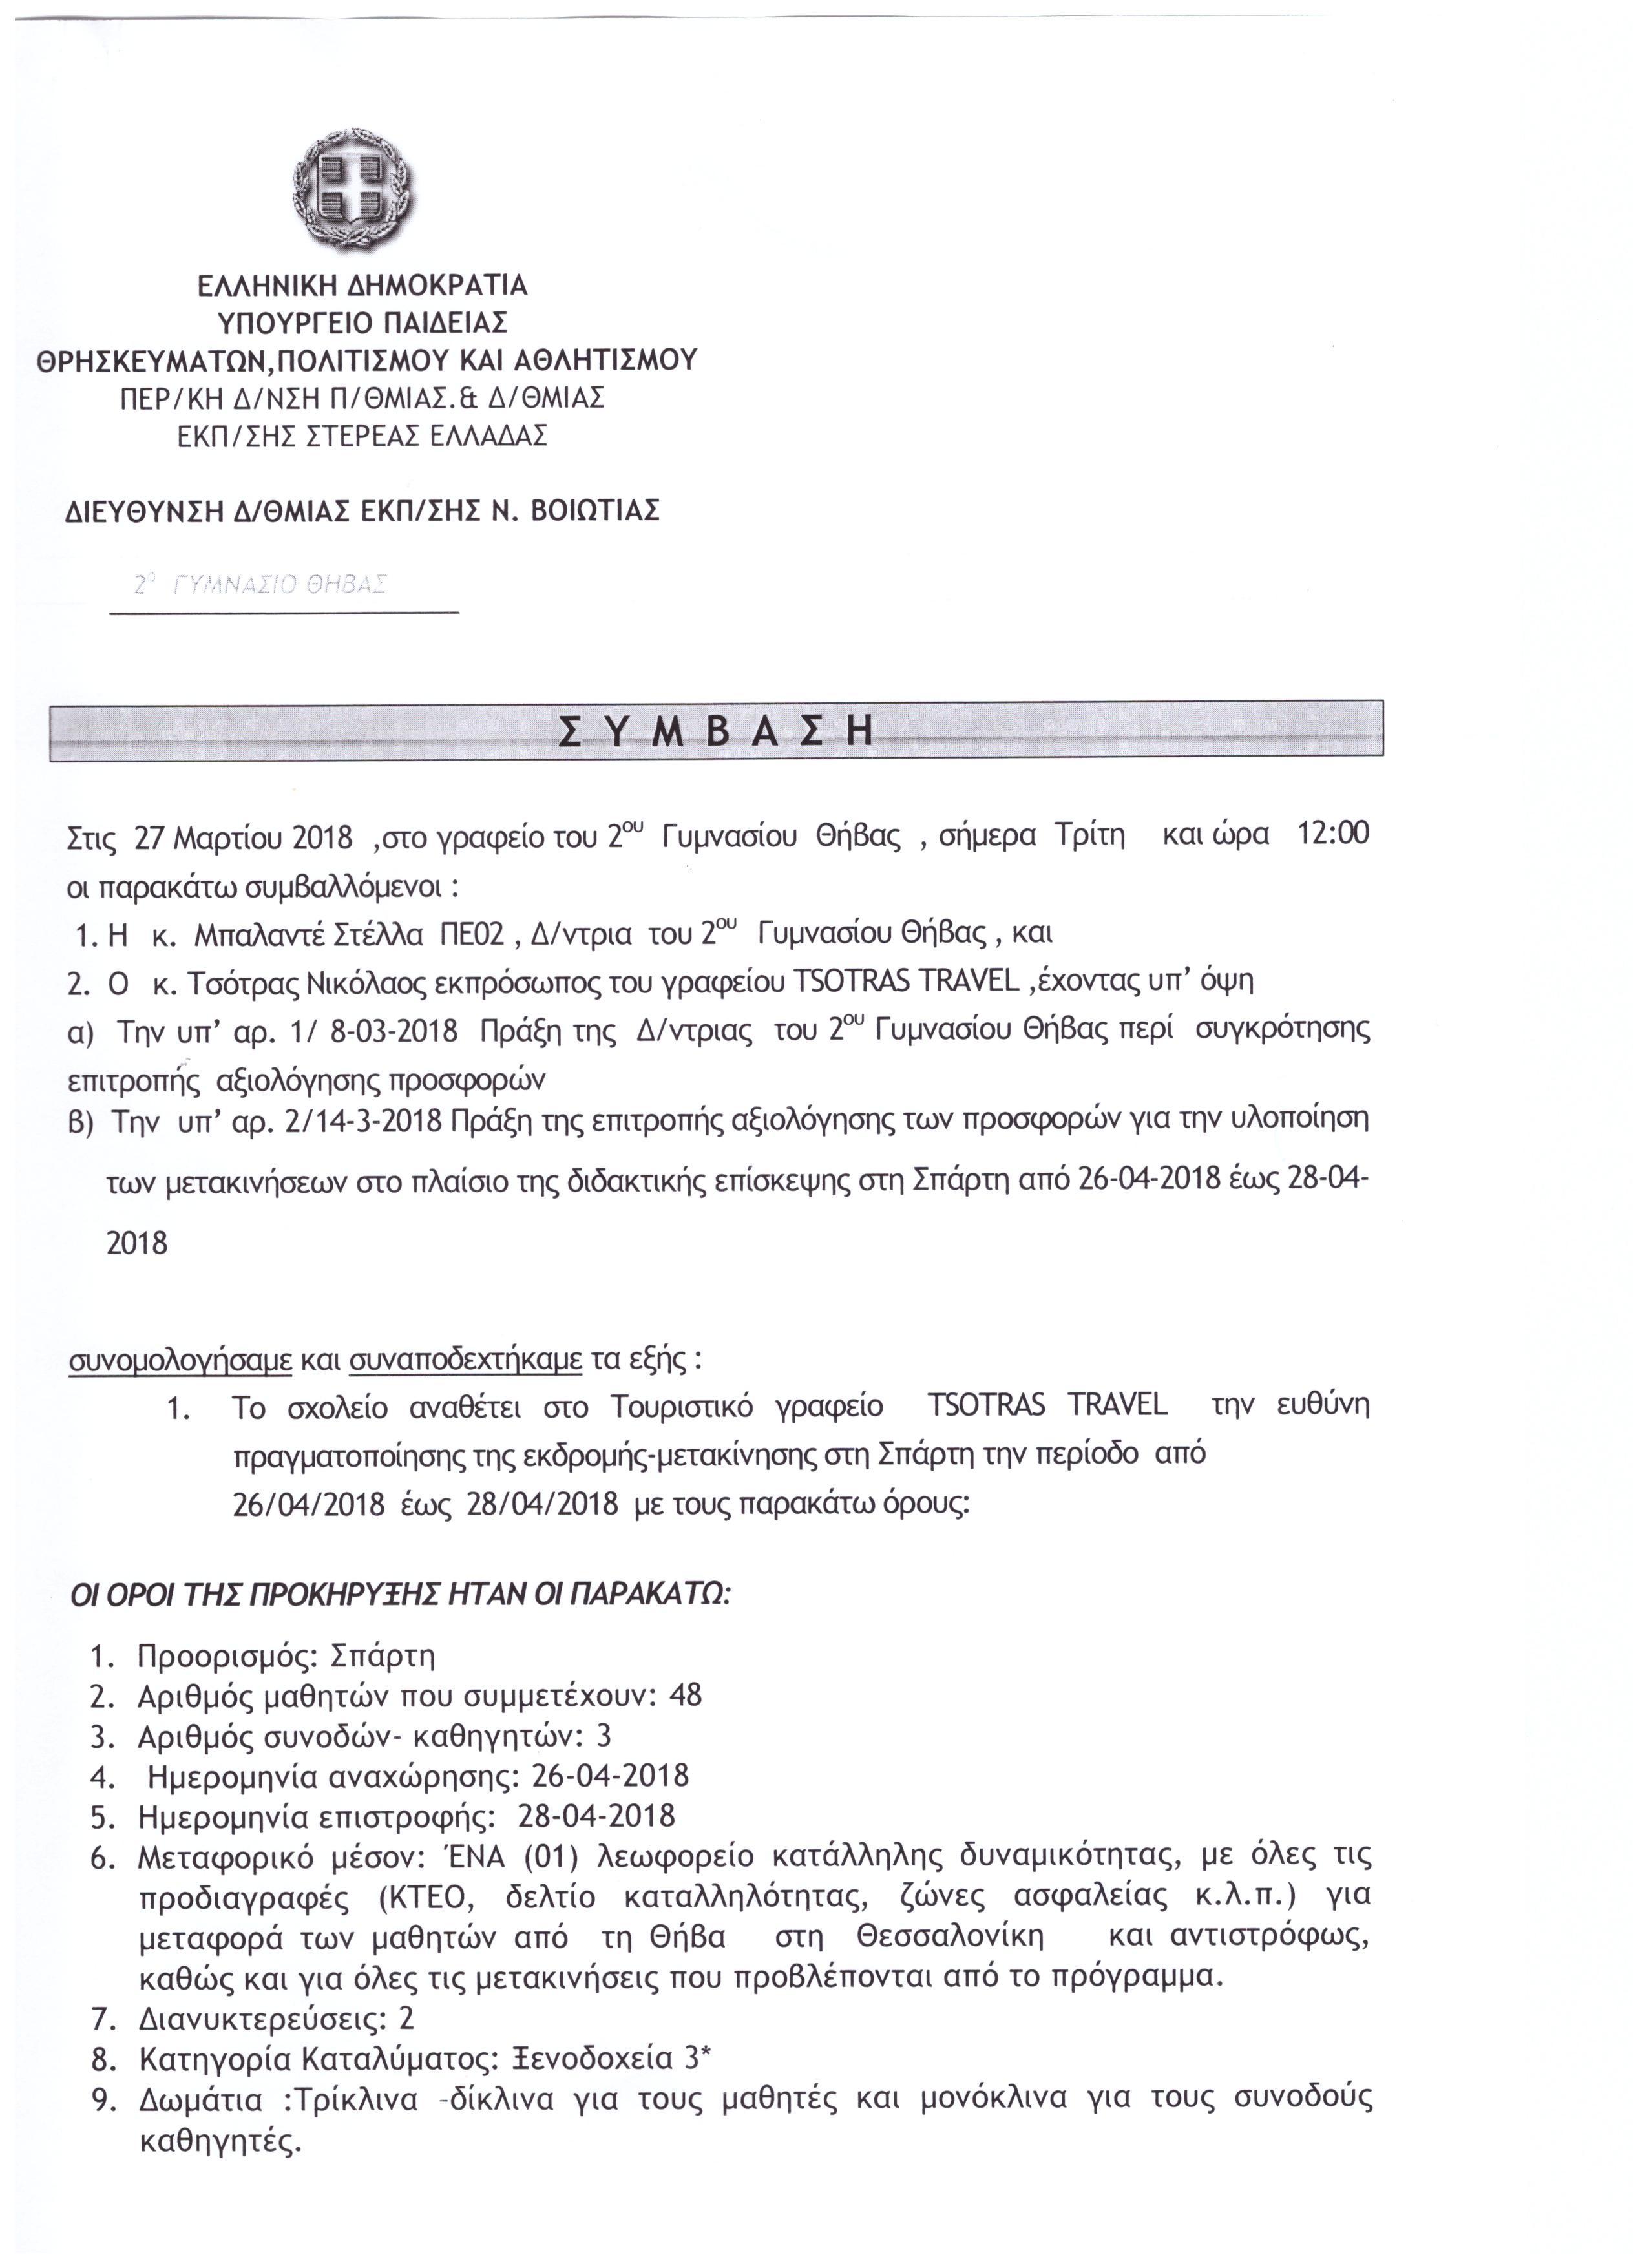 ΣΥΜΒΑΣΗ ΤΡΙΗΜΕΡΗΣ ΠΕΡΙΒΑΛΛΟΝΤΙΚΗΣ ΕΠΙΣΚΕΨΗΣ 1 001